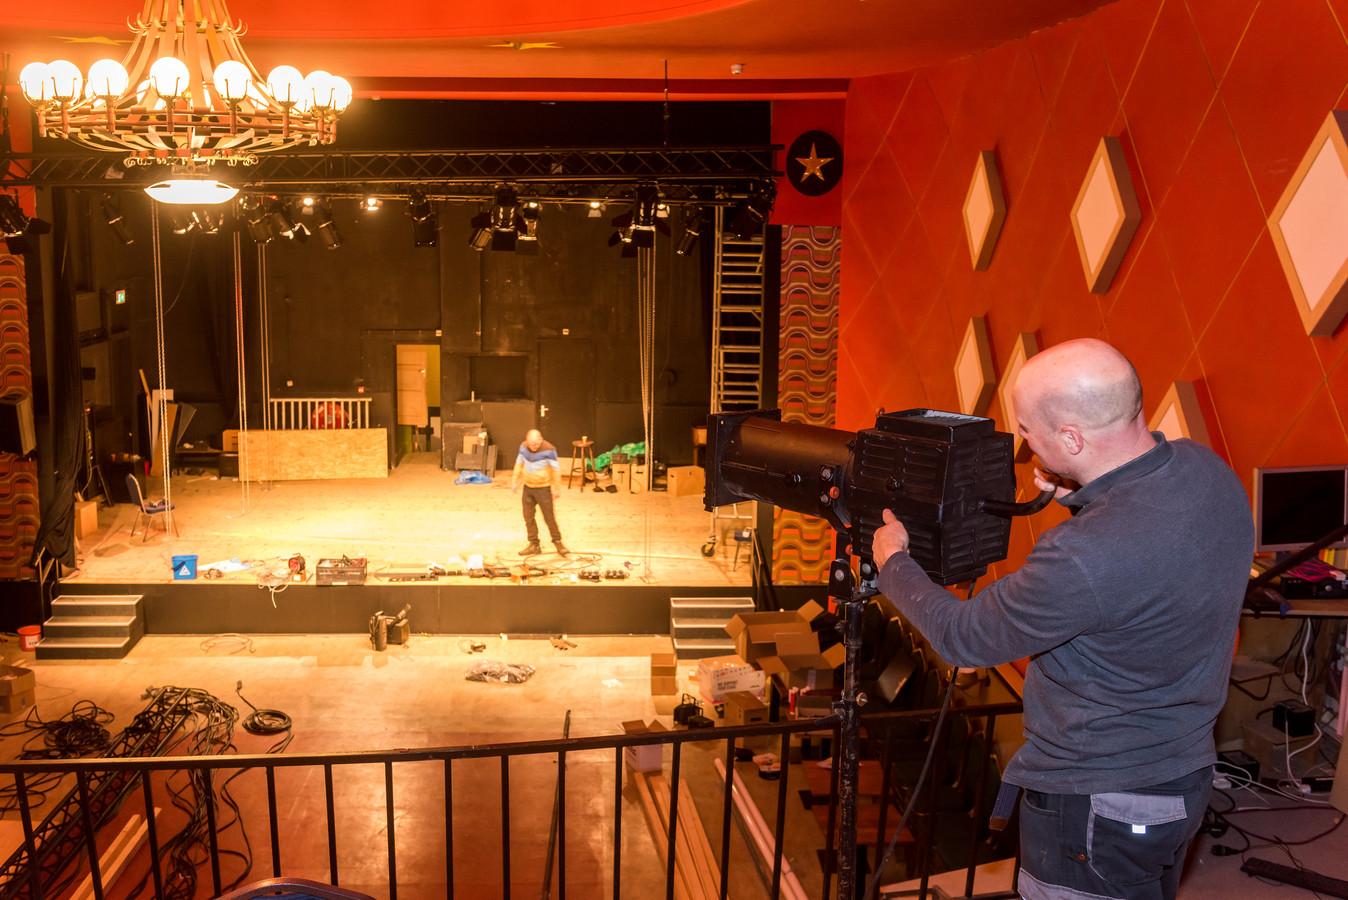 Het Cantine Theater in Budel-Dorplein wordt verder opgeknapt. Onno Looijmans werkt er met andere vrijwilligers aan de lichtinstallatie.